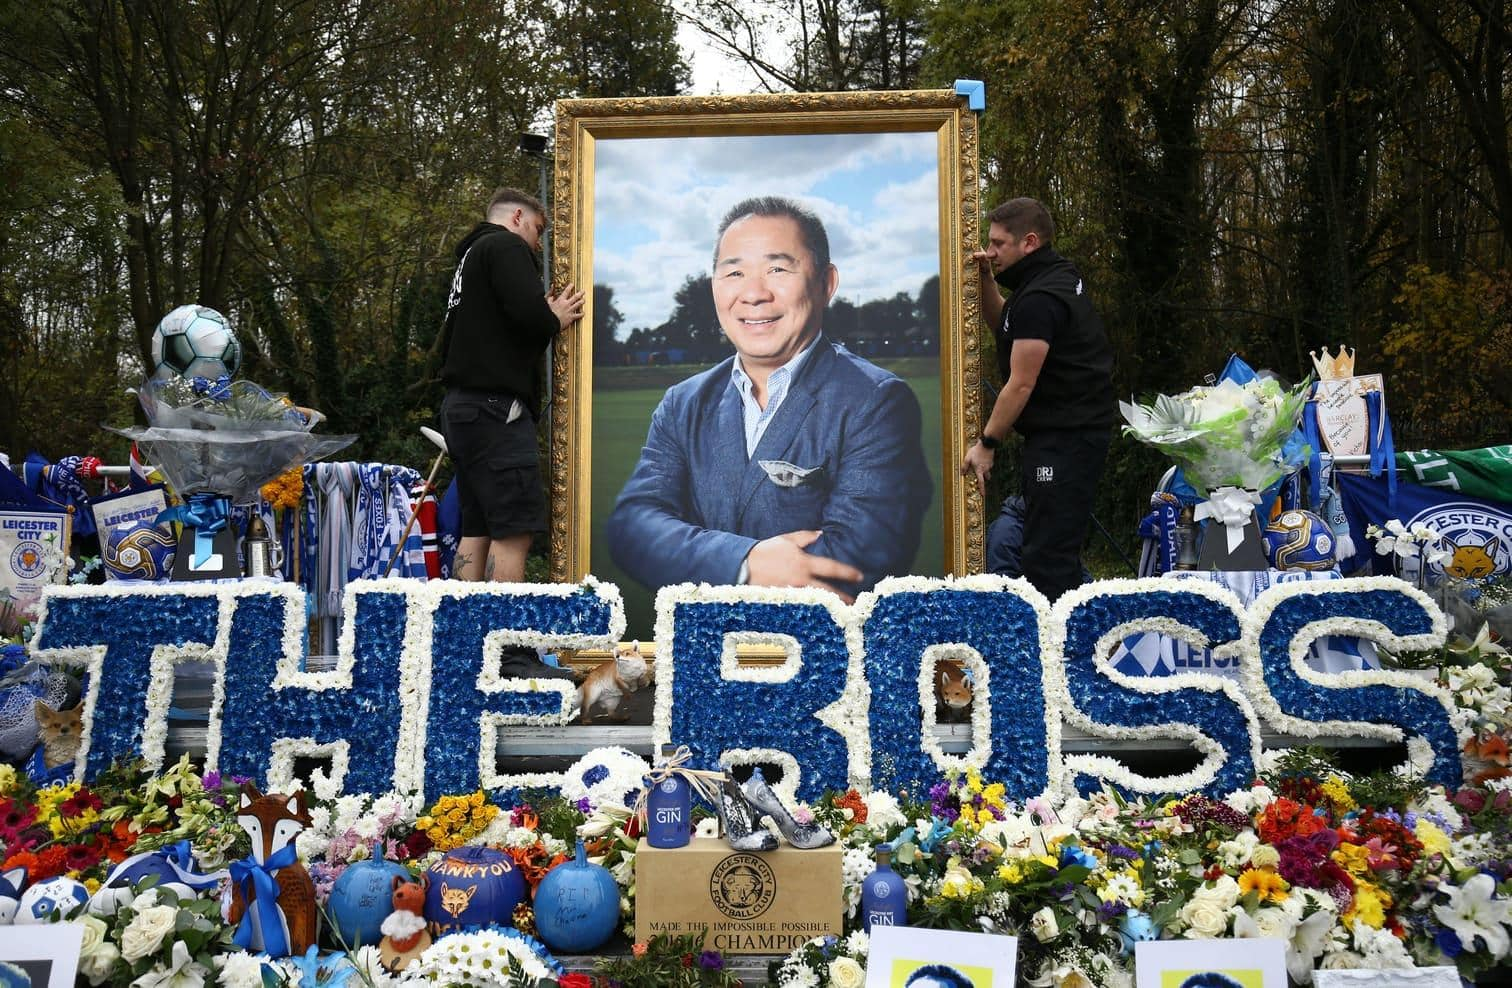 <p>Der englische Fußballverein Leicester City und Tausende Fans haben am Samstag beim ersten Heimspiel nach dem Tod von Klubeigner Vichai Srivaddhanaprabha Abschied von dem thailändischen Milliardär genommen.&nbsp;</p> Foto: dpa/RMV